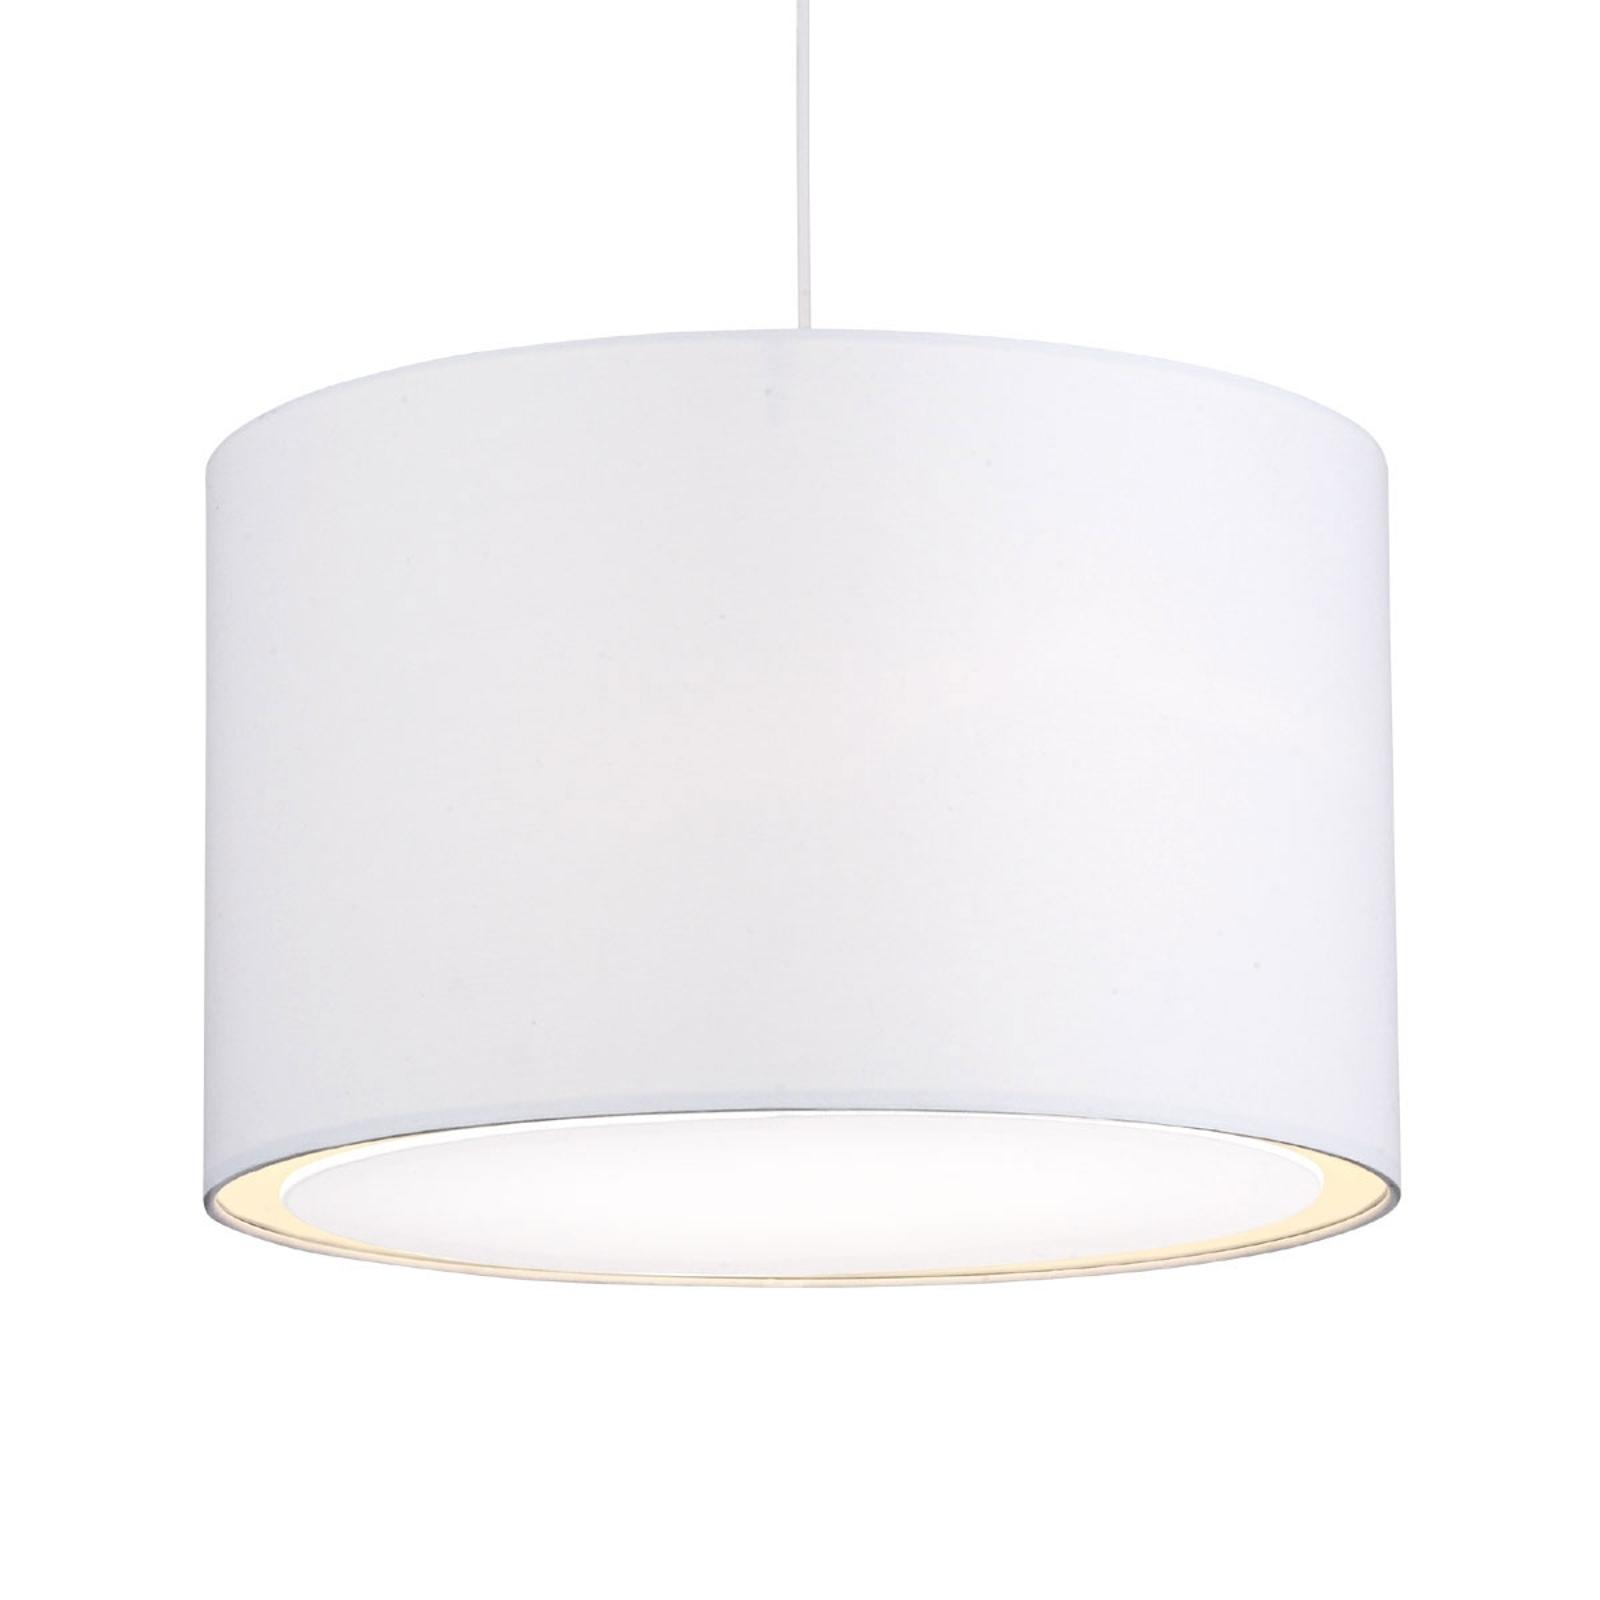 Klasicky-moderná závesná lampa Clarie_1508812_1